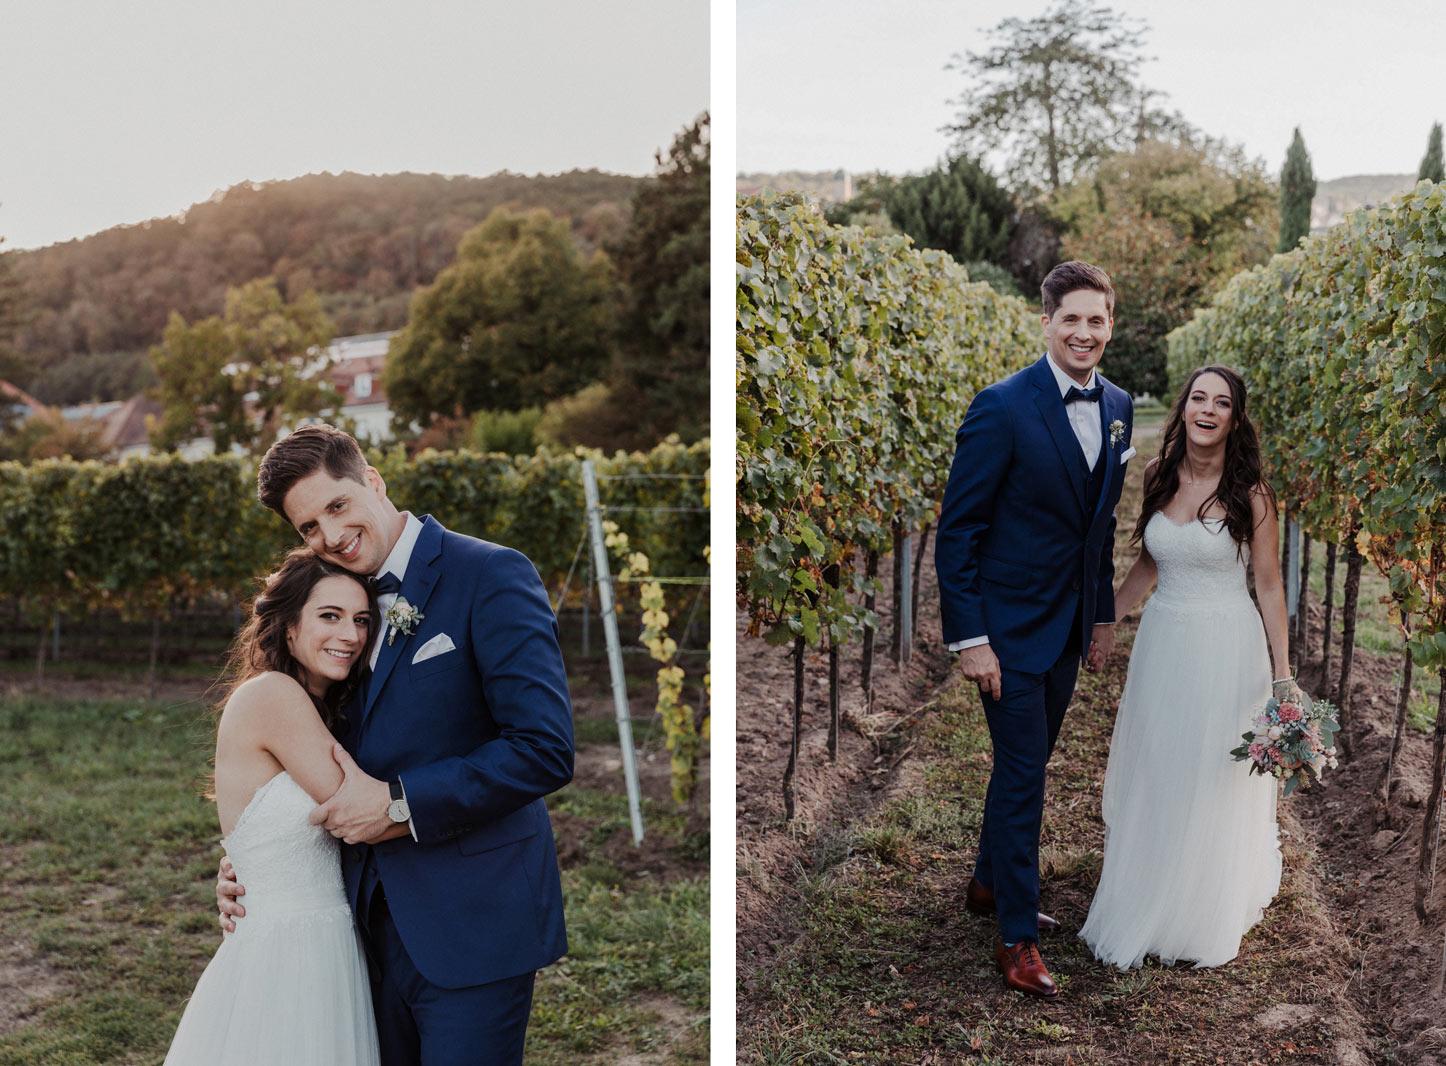 Brautpaar zwischen Weinreben